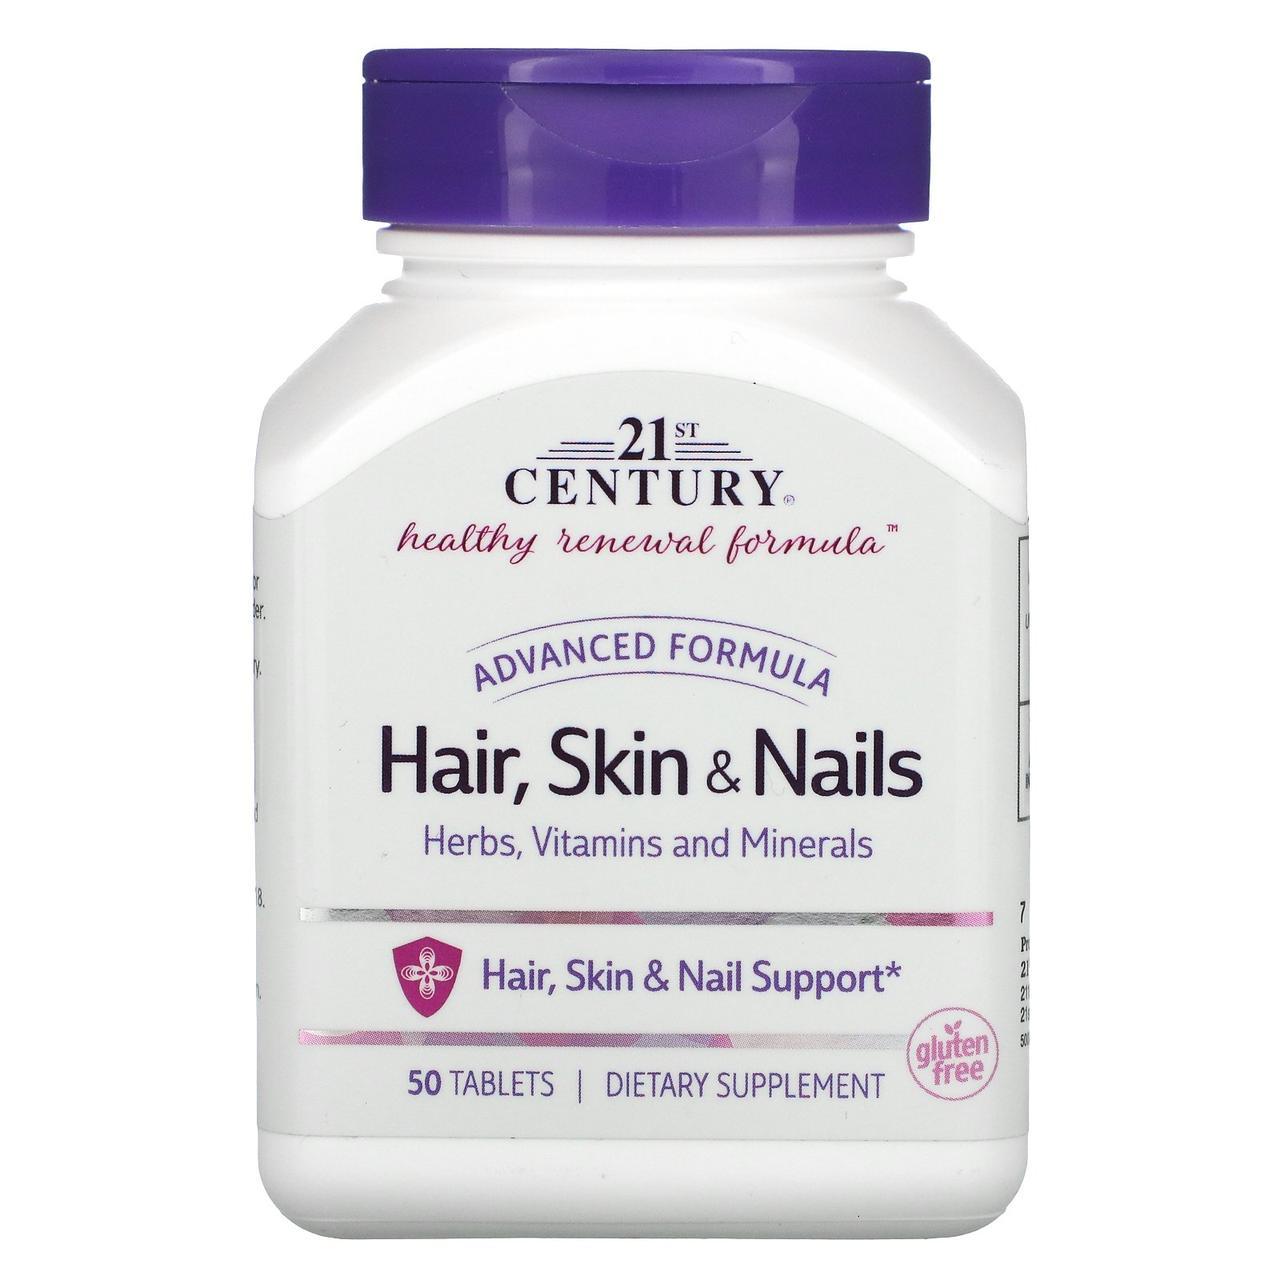 Вітаміни для шкіри, волосся і нігтів, 21st Century, 50 таблеток